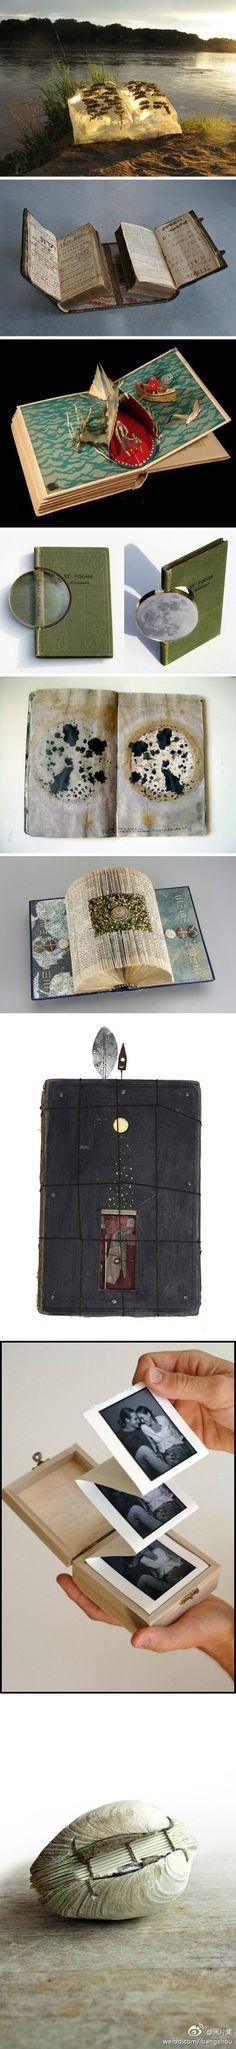 Libros Experimentales                                                                                                                                                      Más Tunnel Book, Paper Book, Paper Art, Altered Book Art, Book Sculpture, Book Journal, Art Journals, Book Projects, Objet D'art